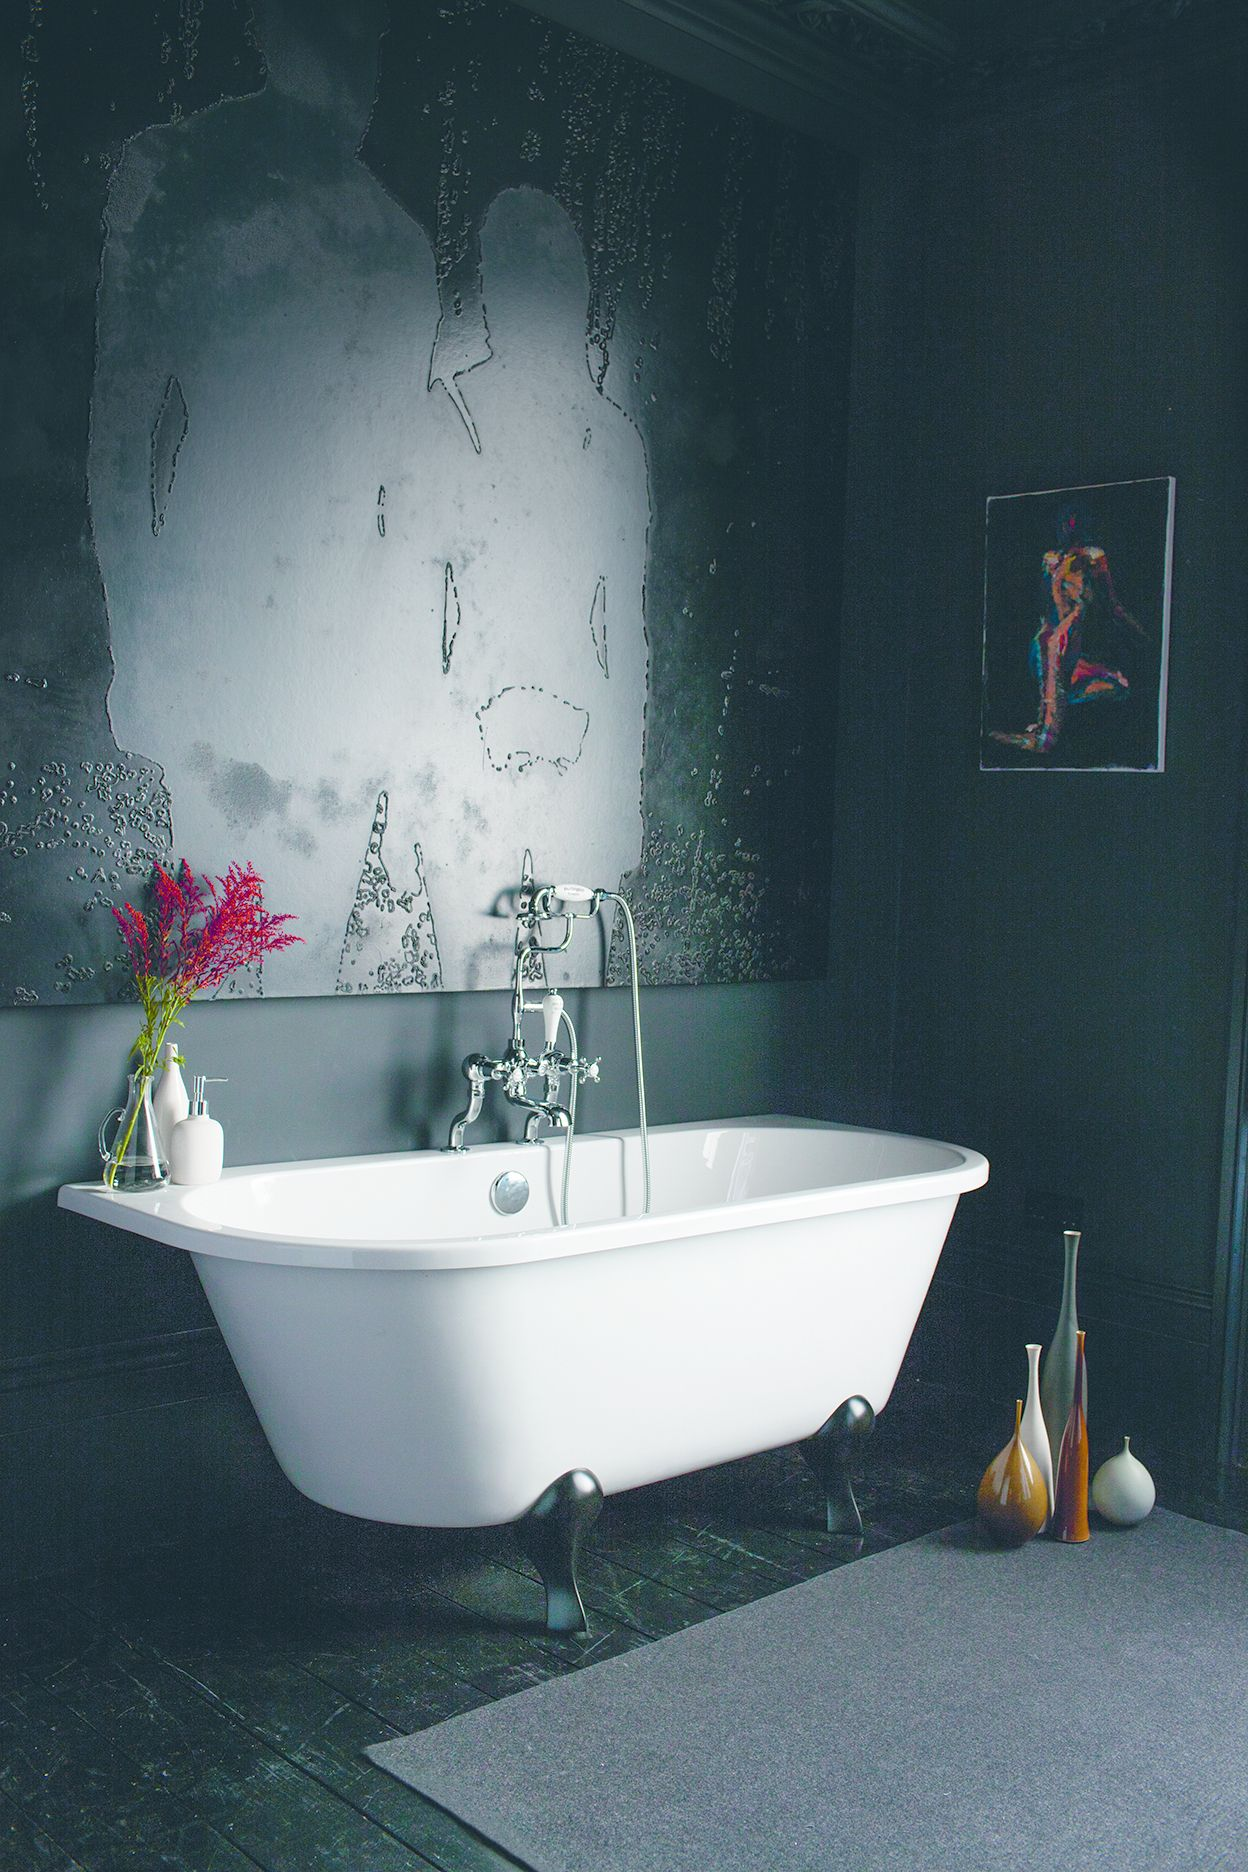 Tecaz bathroom suites - Every Dream Home Needs A Dream Bath And This Burlington Avante Garde Bath Is Lovely